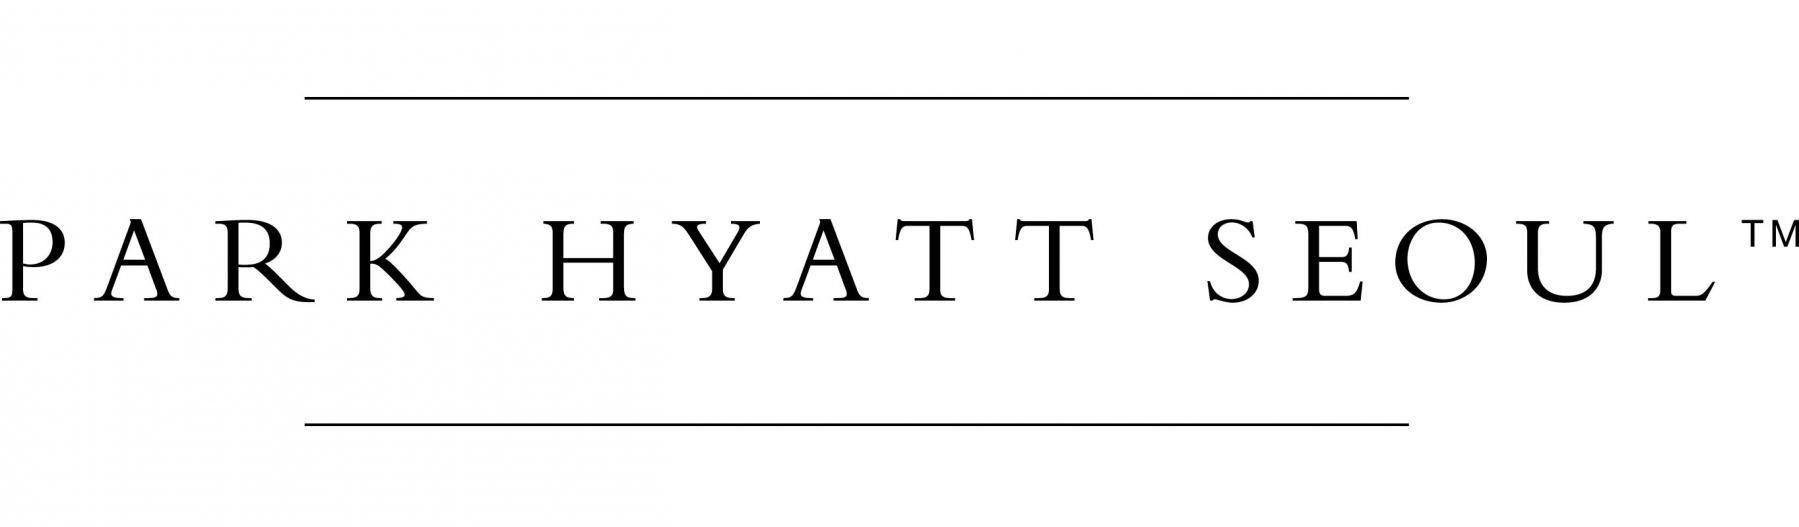 Park Hyatt Seoul Hotel Logo